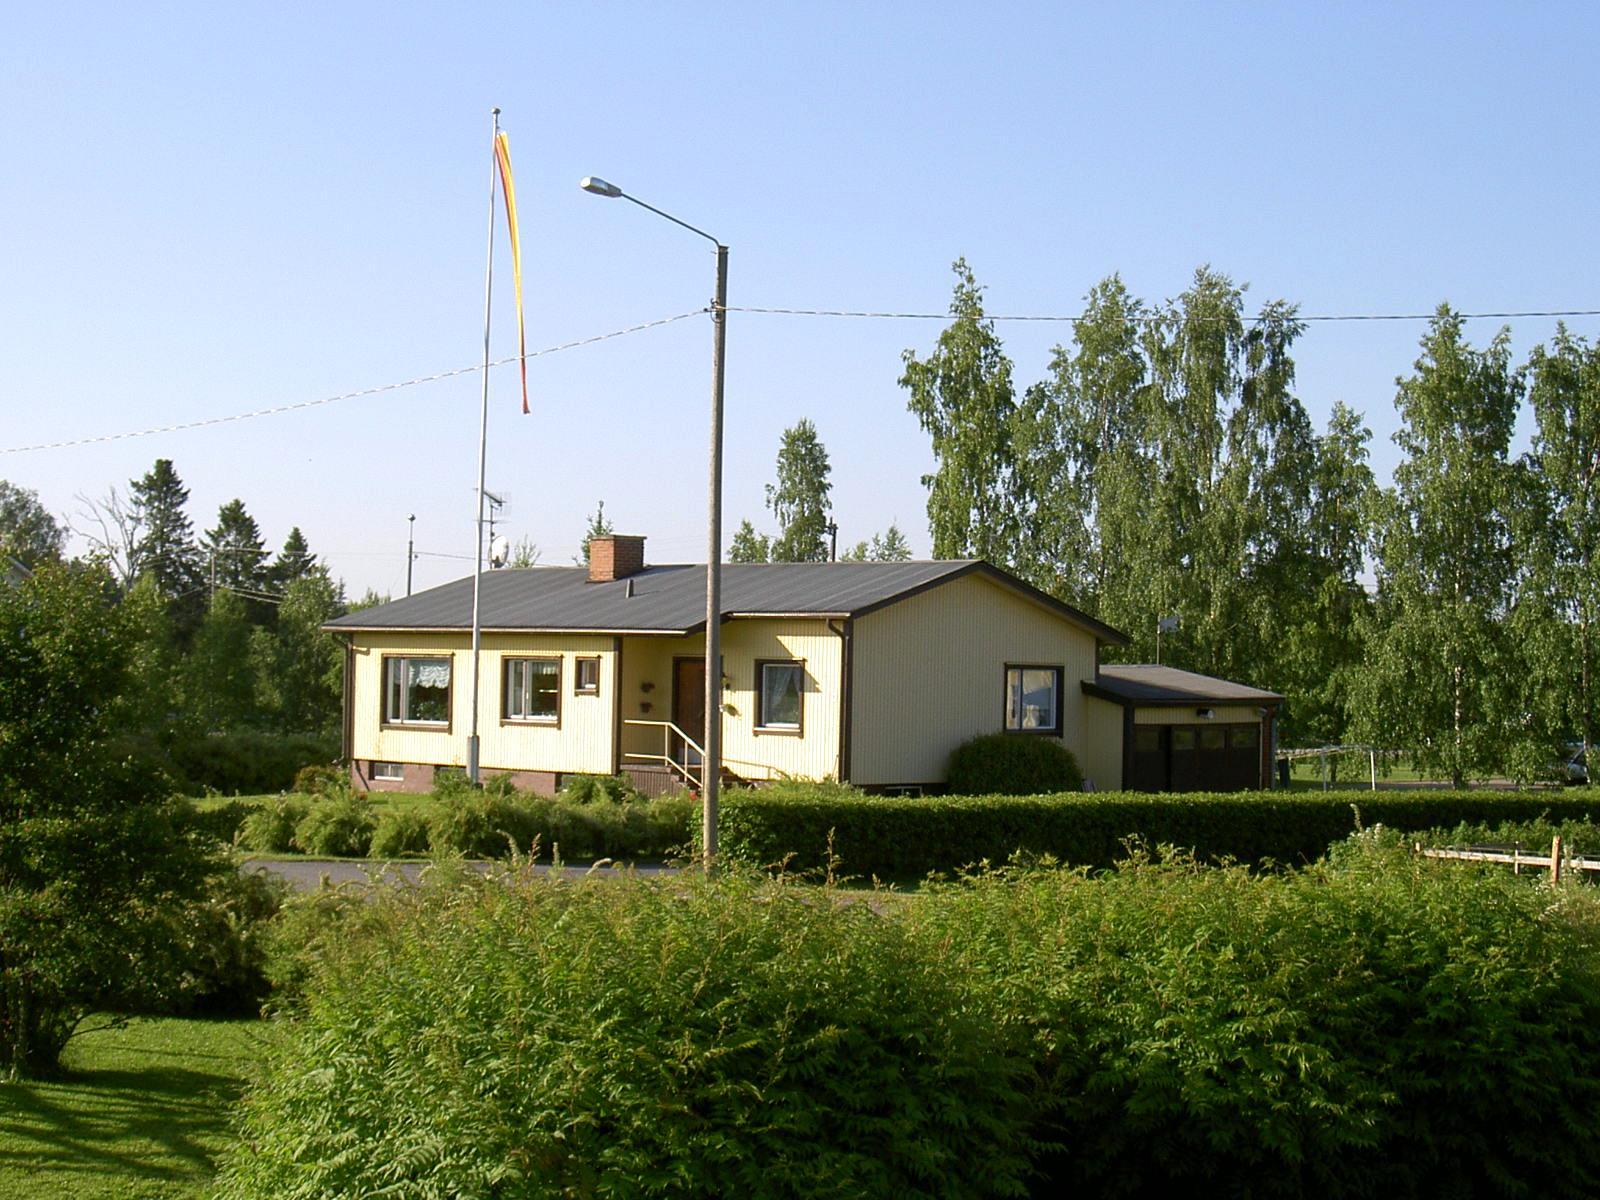 Så här såg Ålgars gård ut år 2003, fotograferad från norr.